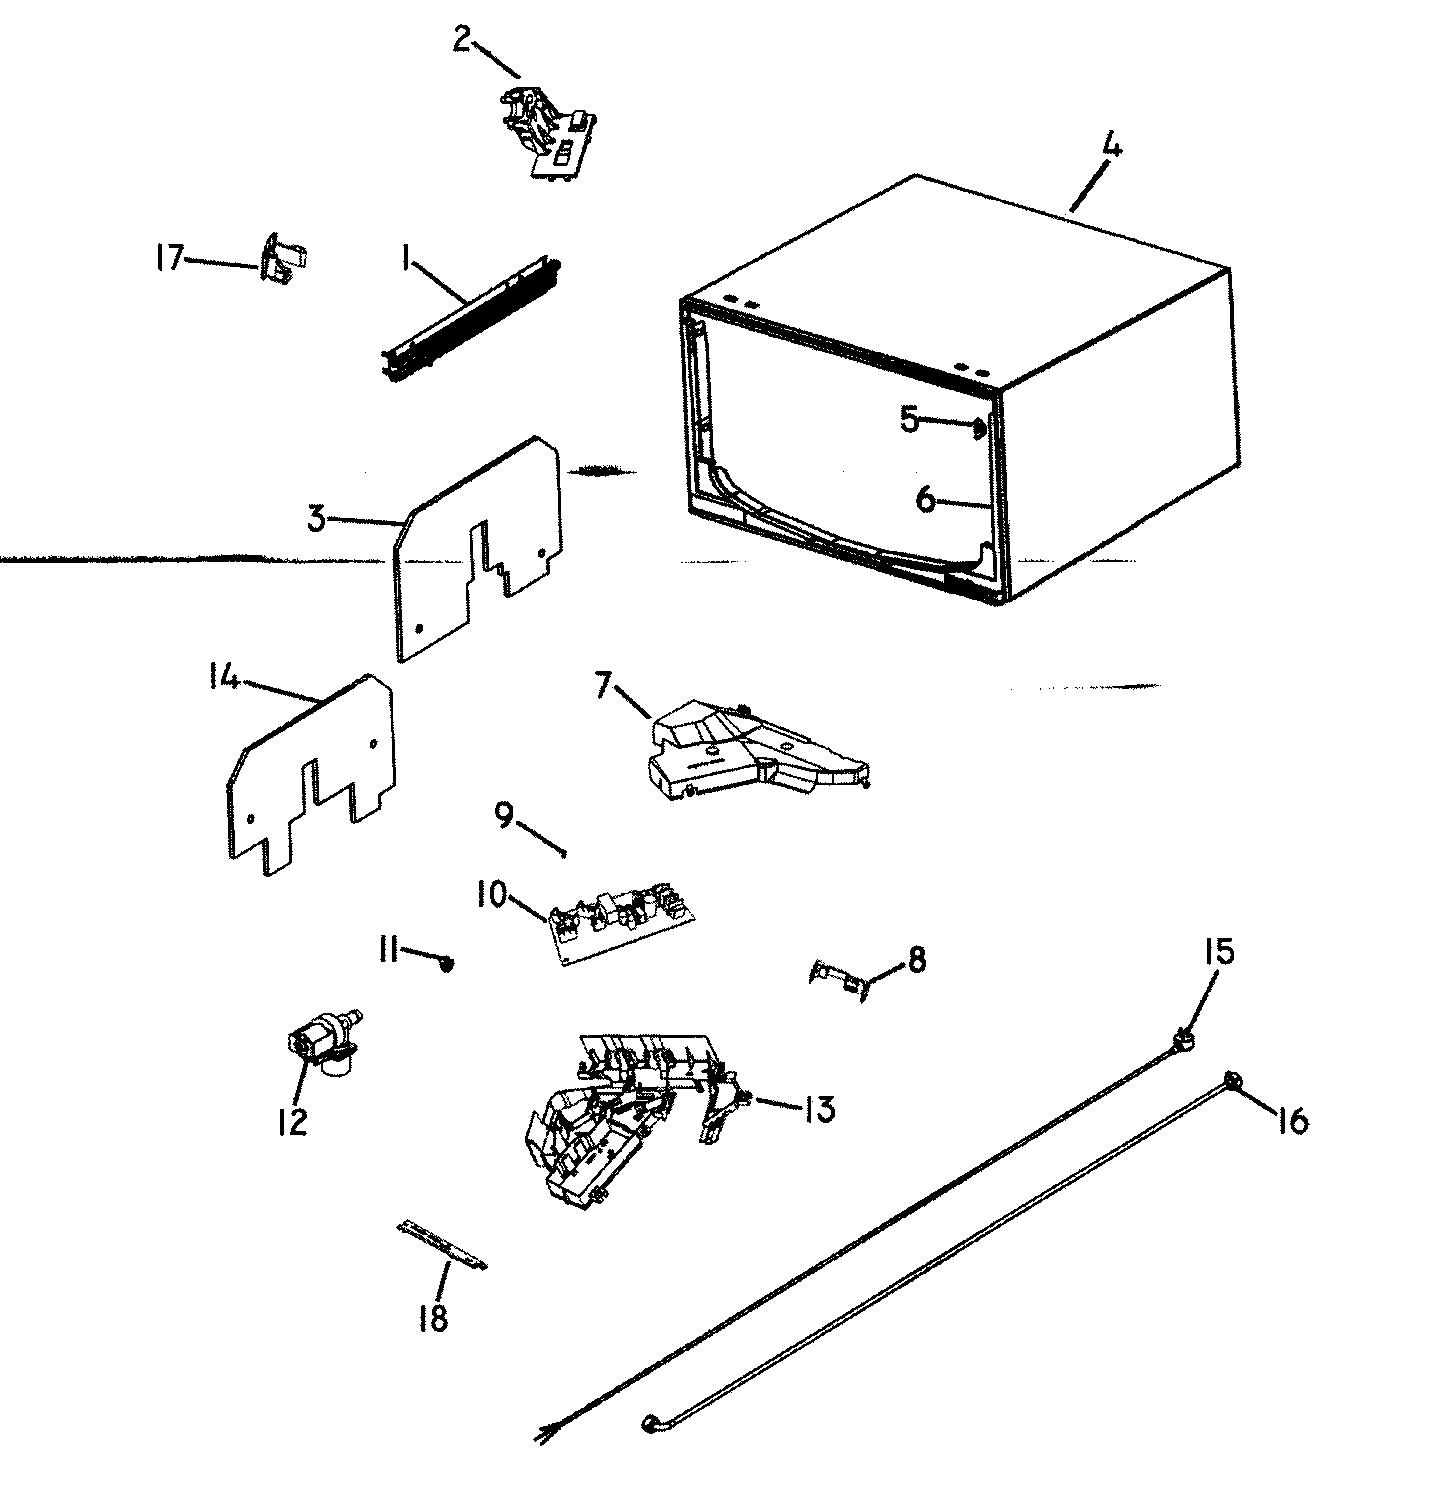 F&p dishdrawer service manual